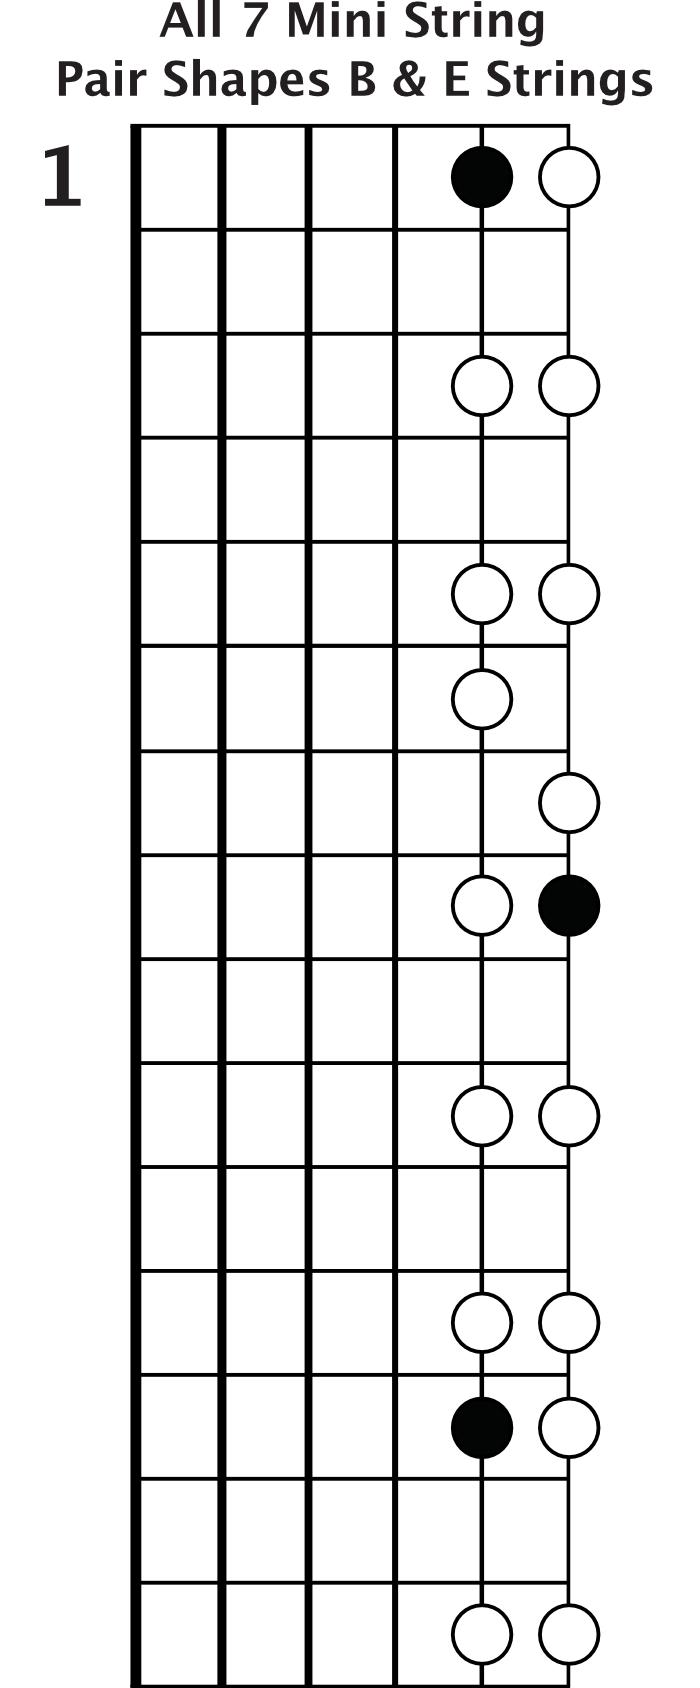 B & E Strings